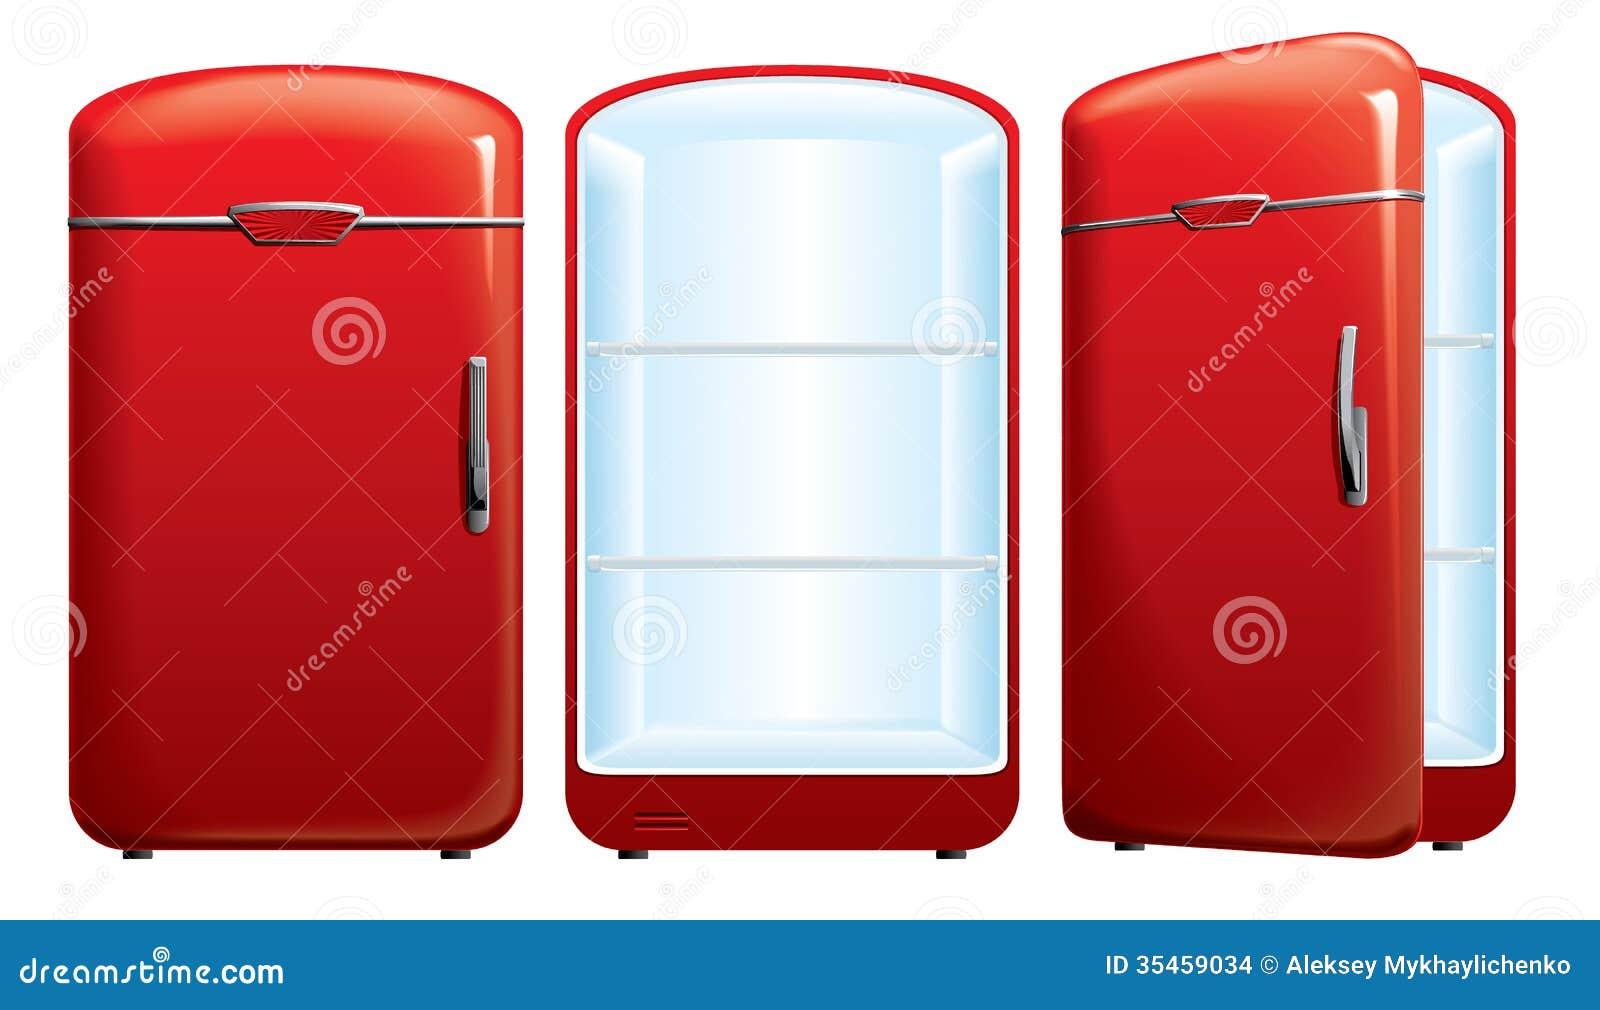 Illustratie van de ijskast stock afbeeldingen afbeelding 35459034 - Ijskast rood smet ...